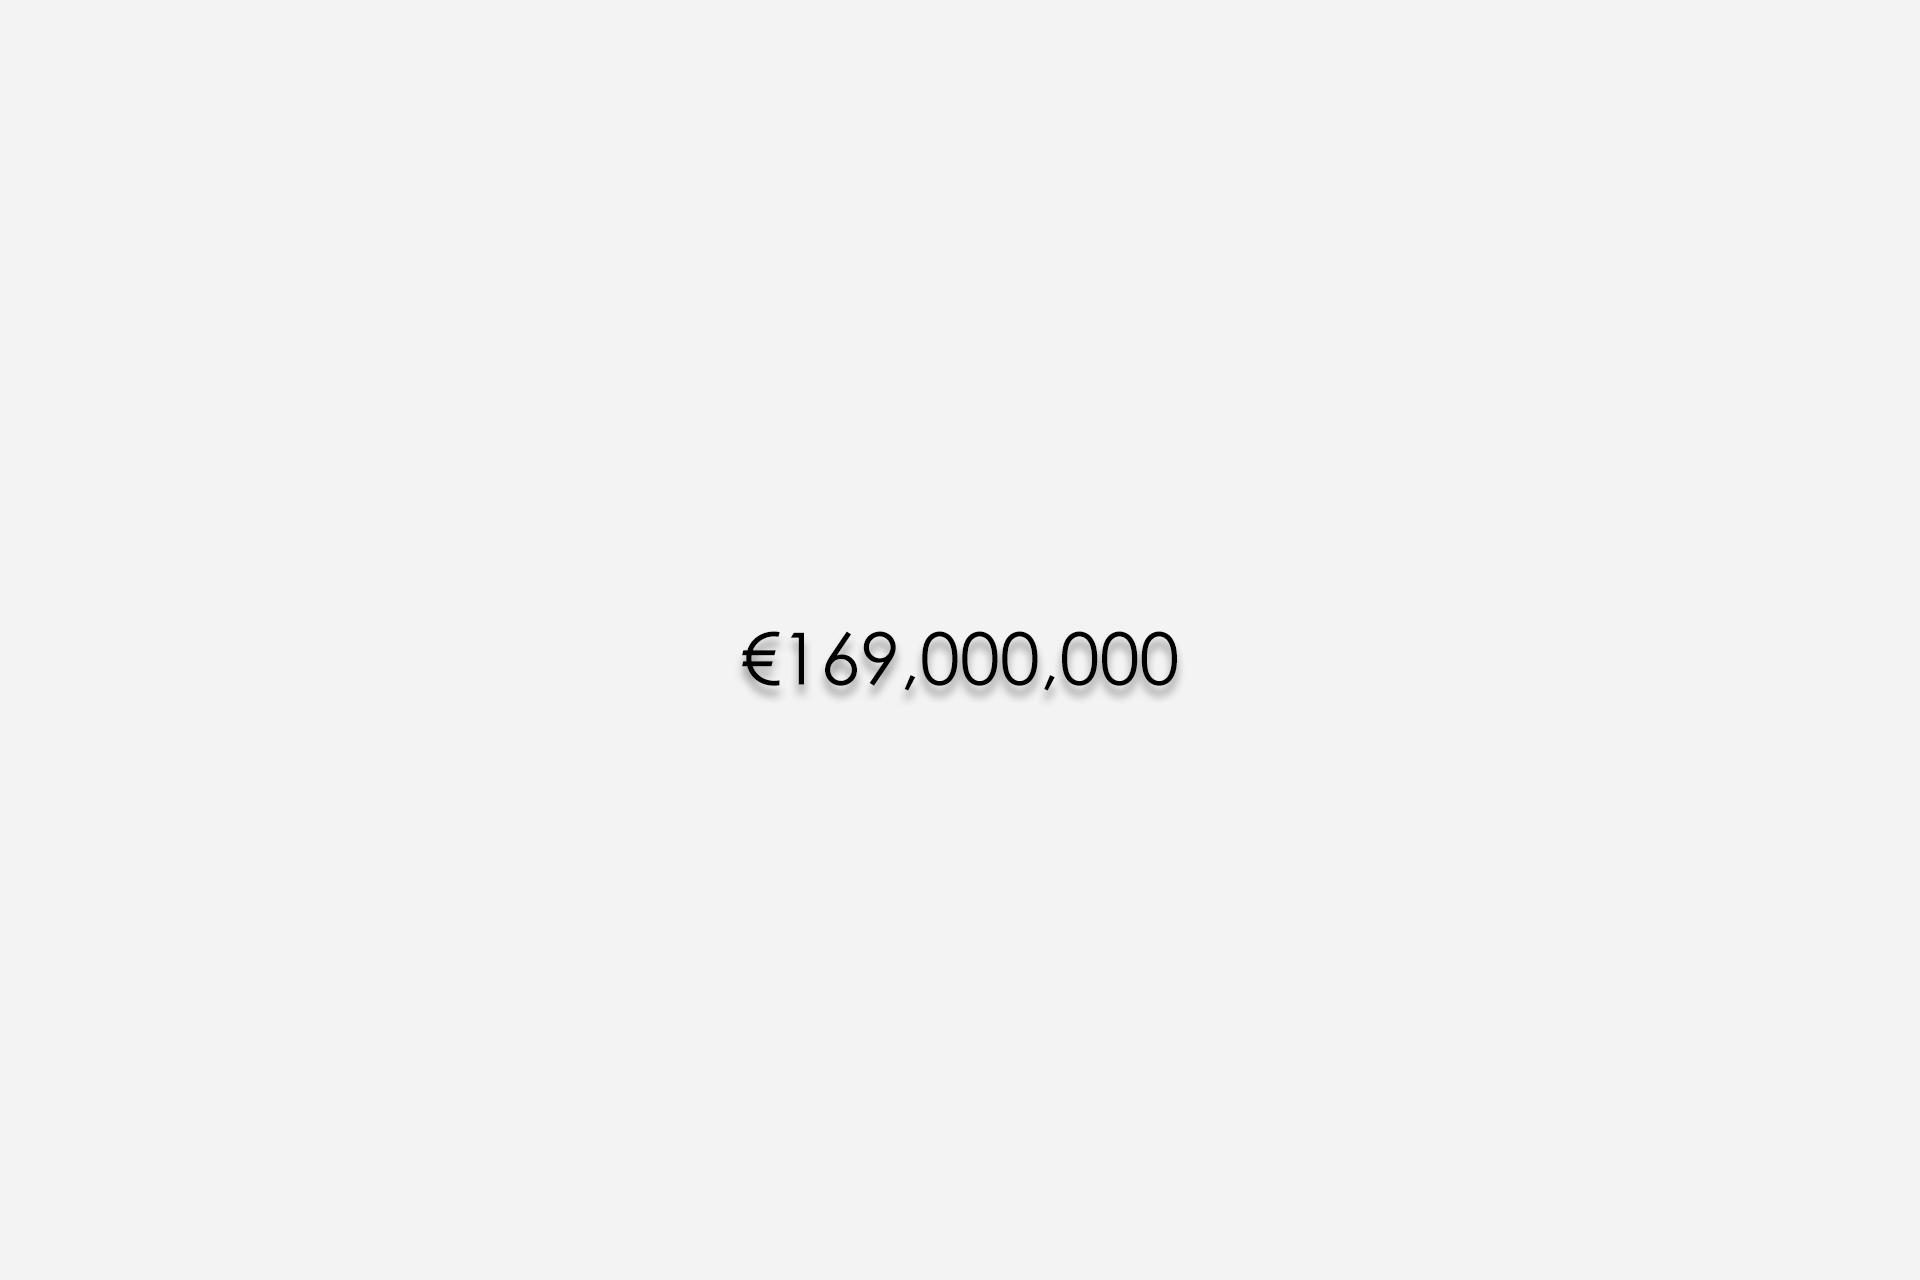 زلاتان ابراهیموویچ, 169 میلیون یورو